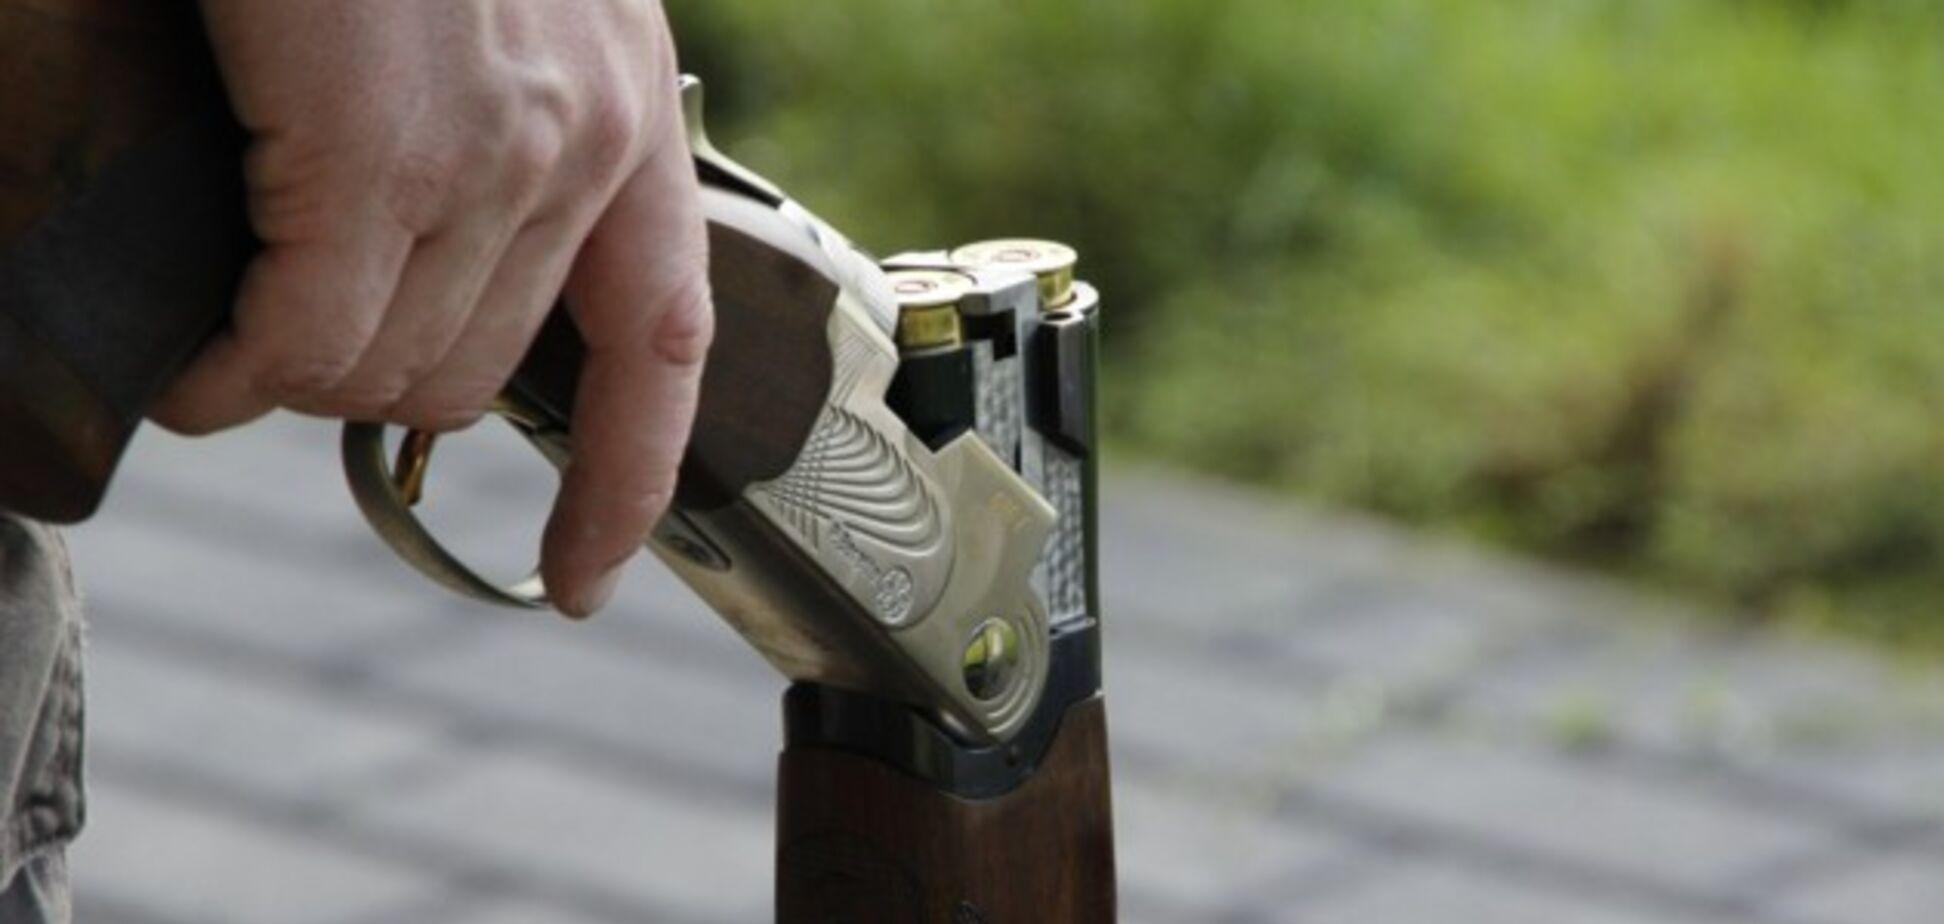 Пьяный мужчина расстрелял подростка из охотничьего ружья на Днепропетровщине. Фото